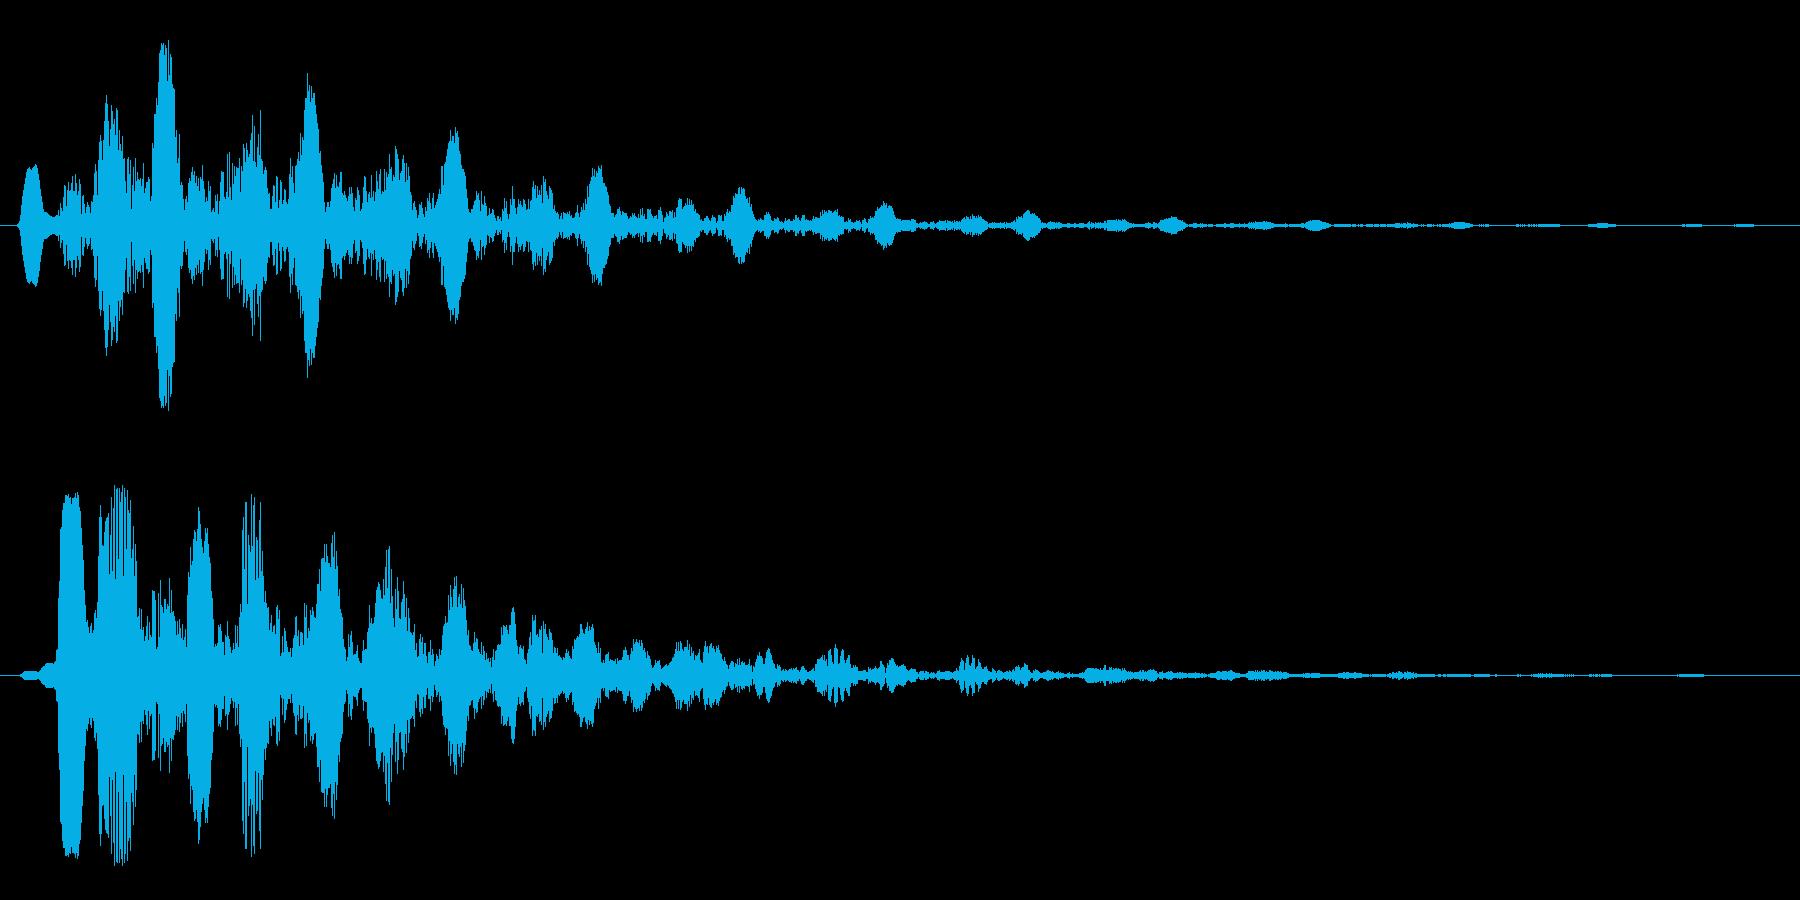 エコーの効いたタイトルアップ音の再生済みの波形